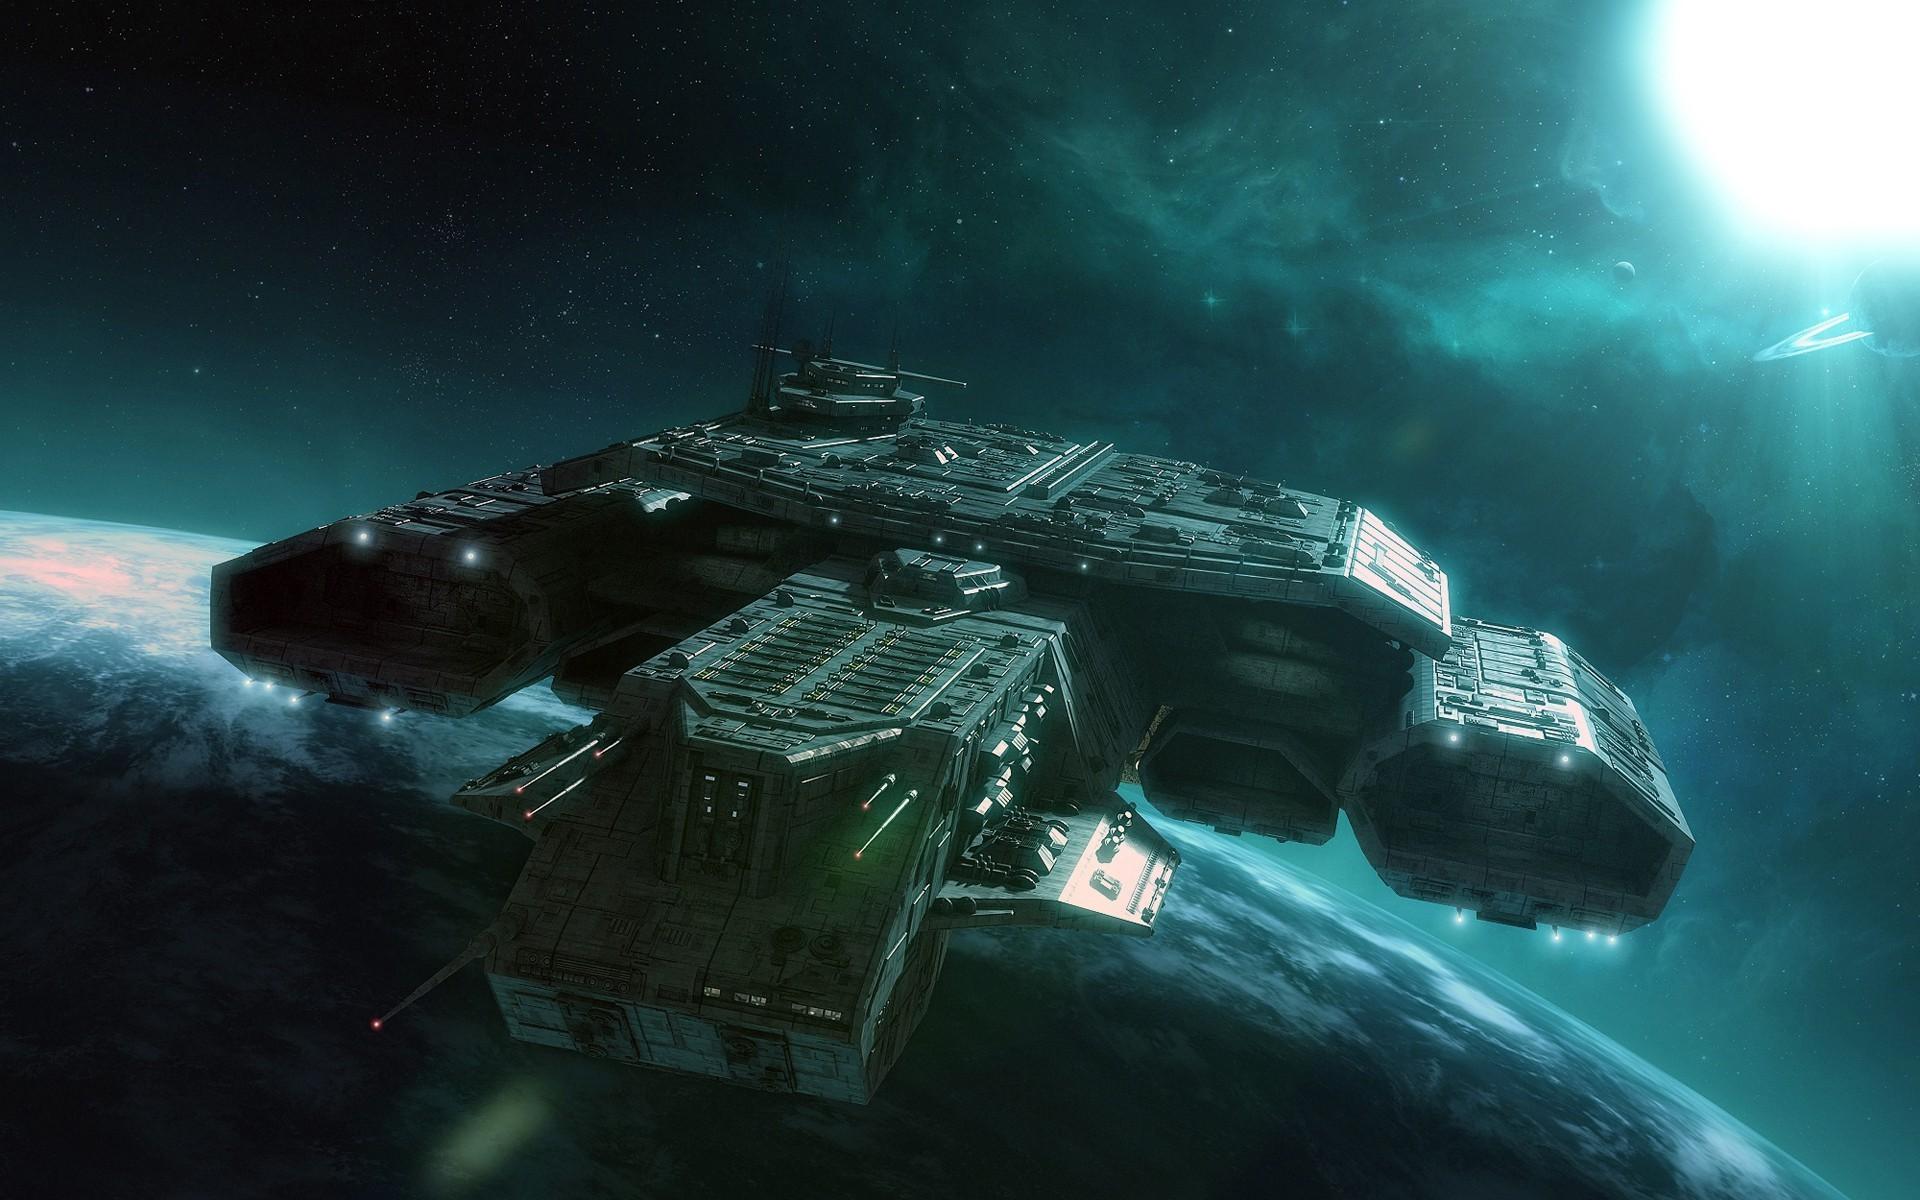 Обои для рабочего стола космические корабли будущего